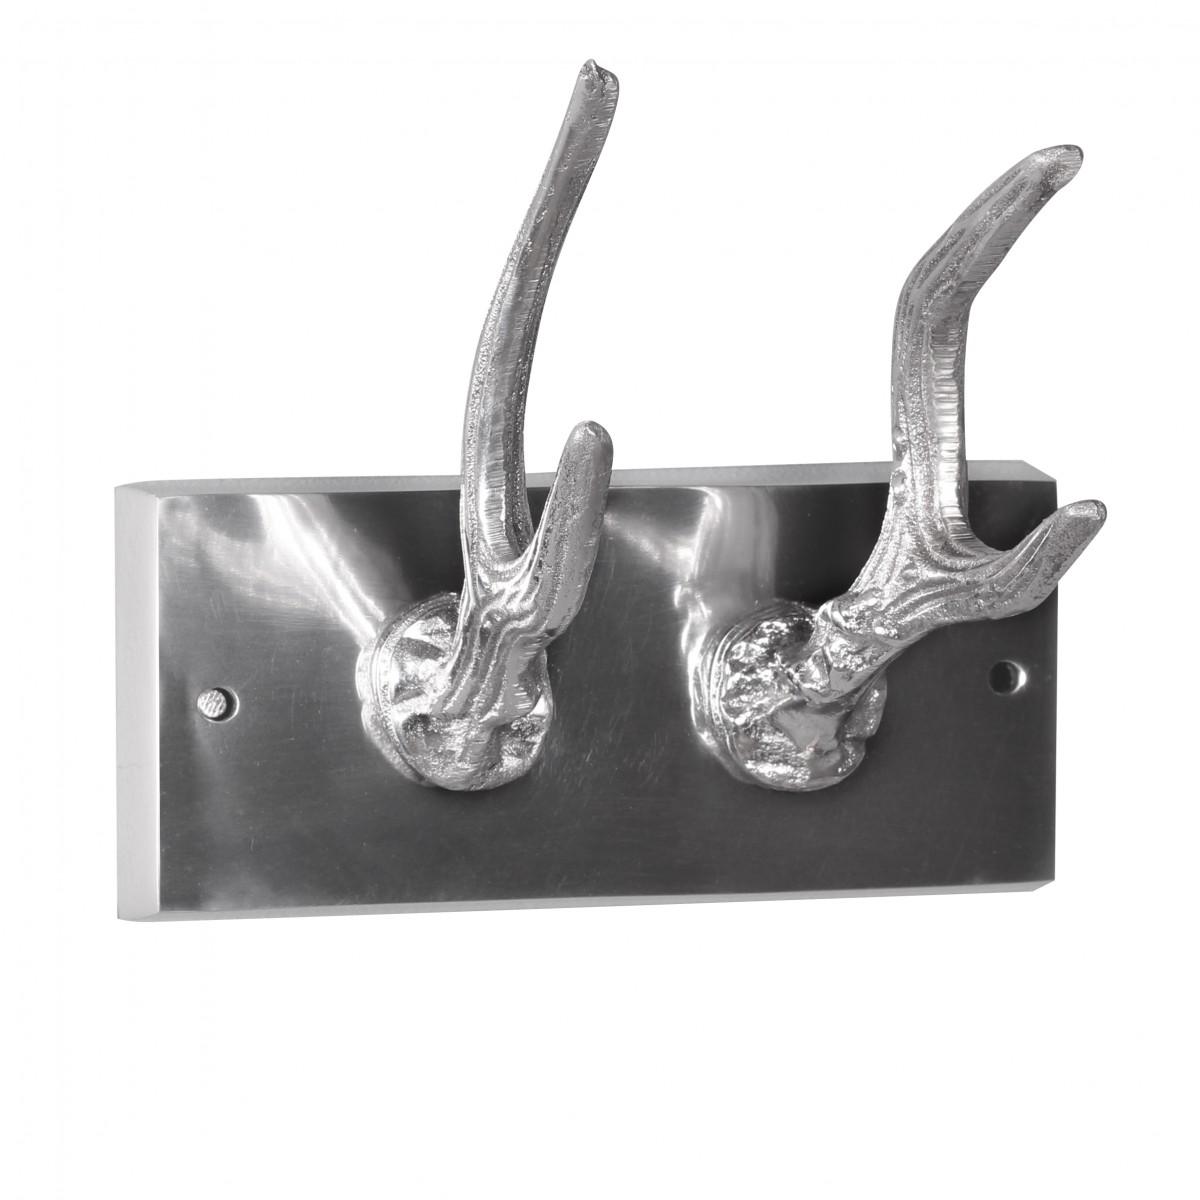 Nástěnný hliníkový věšák s 2 háčky Hjort, 16 cm